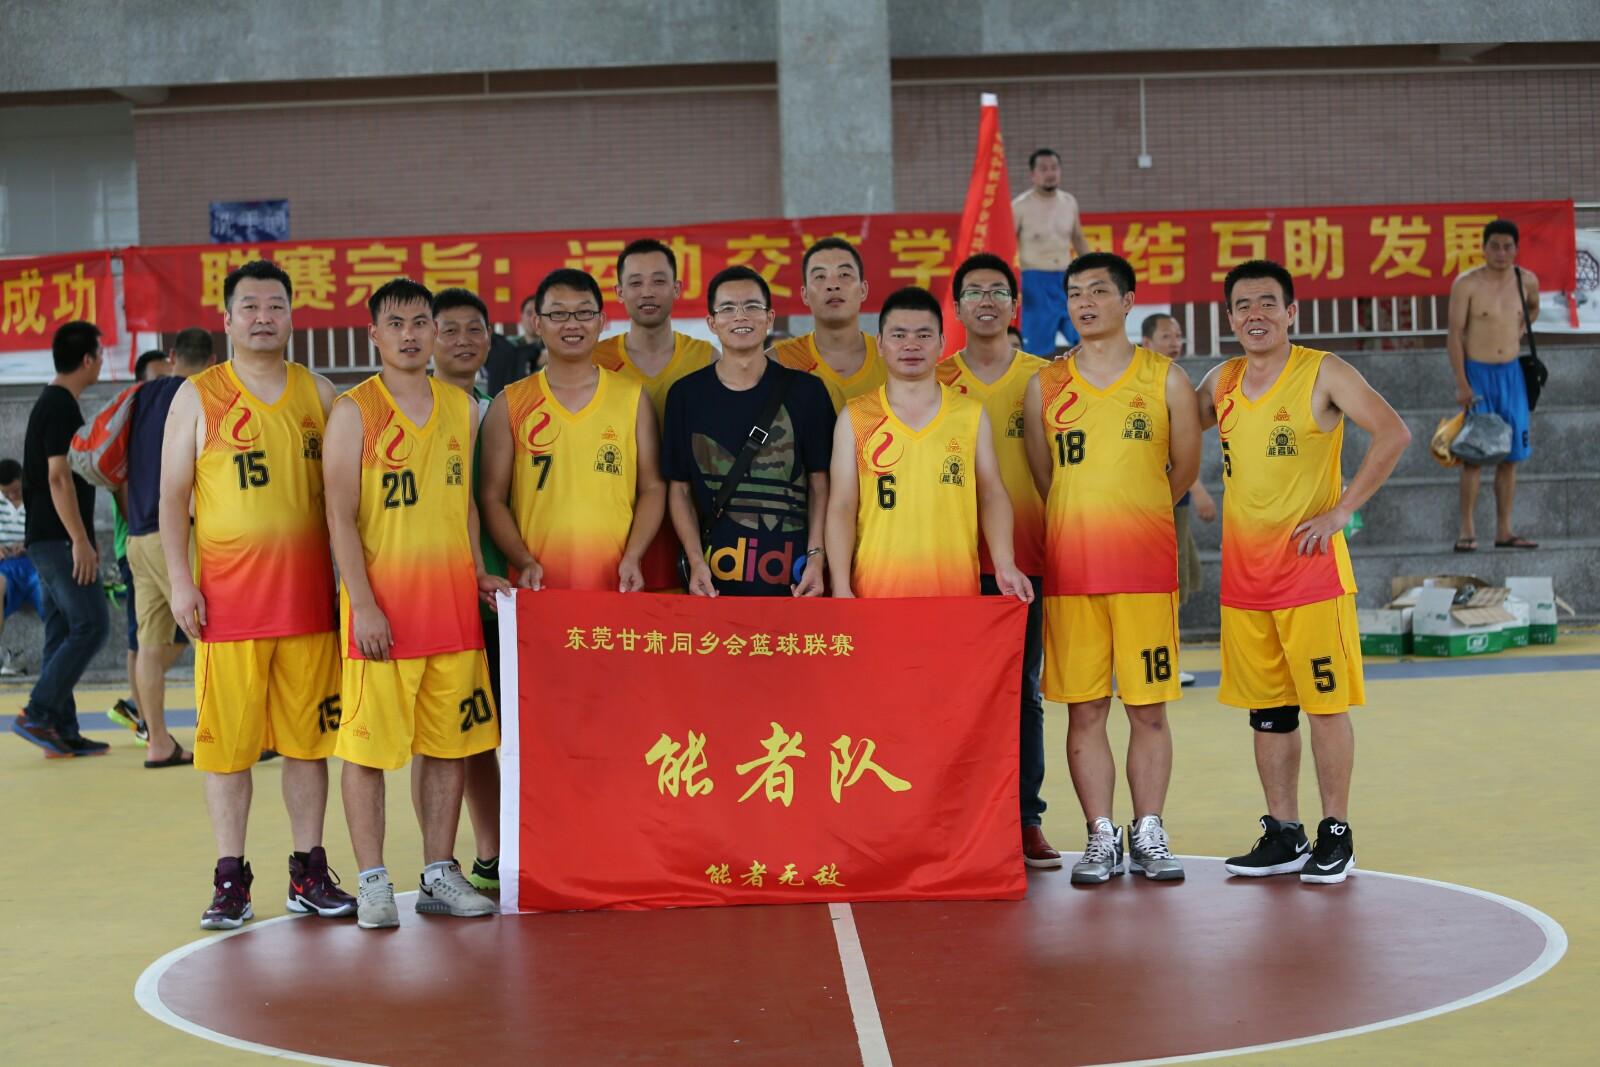 能者橡胶公司参加甘肃同乡会篮球比赛展现硬汉风采